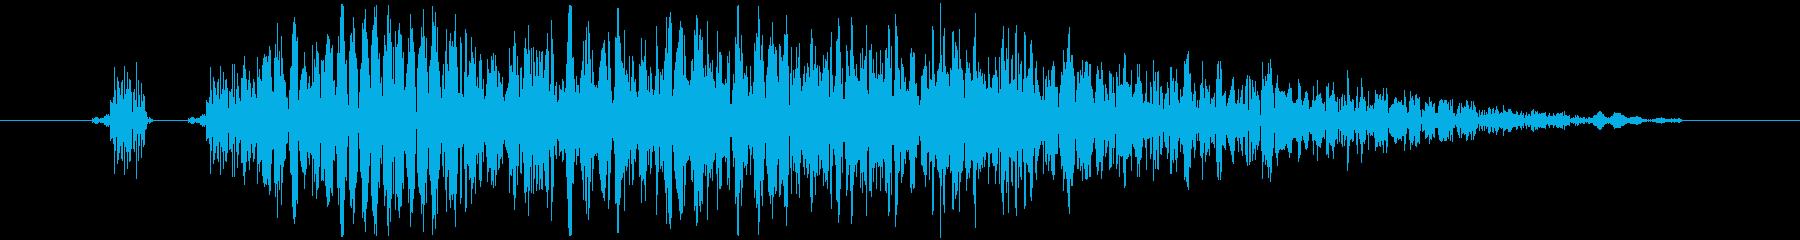 【打撃音19】パンチやキックに最適です!の再生済みの波形